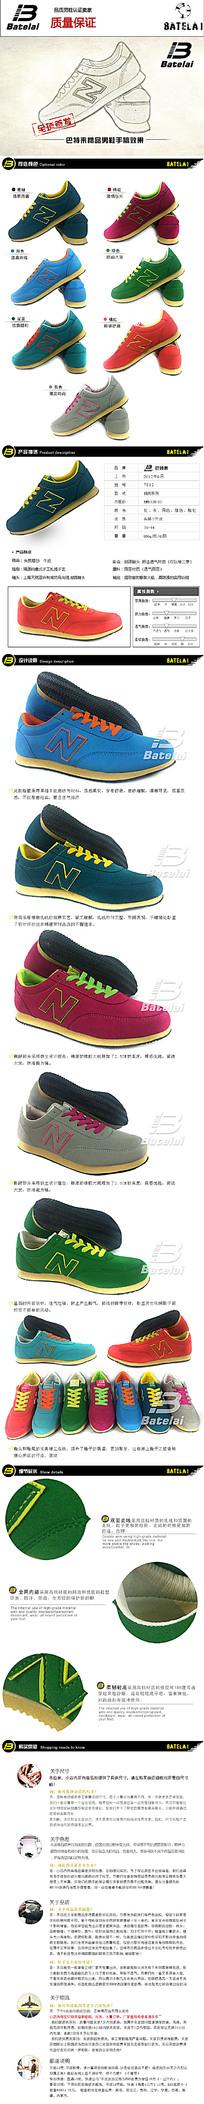 男士运动鞋商品详情图组